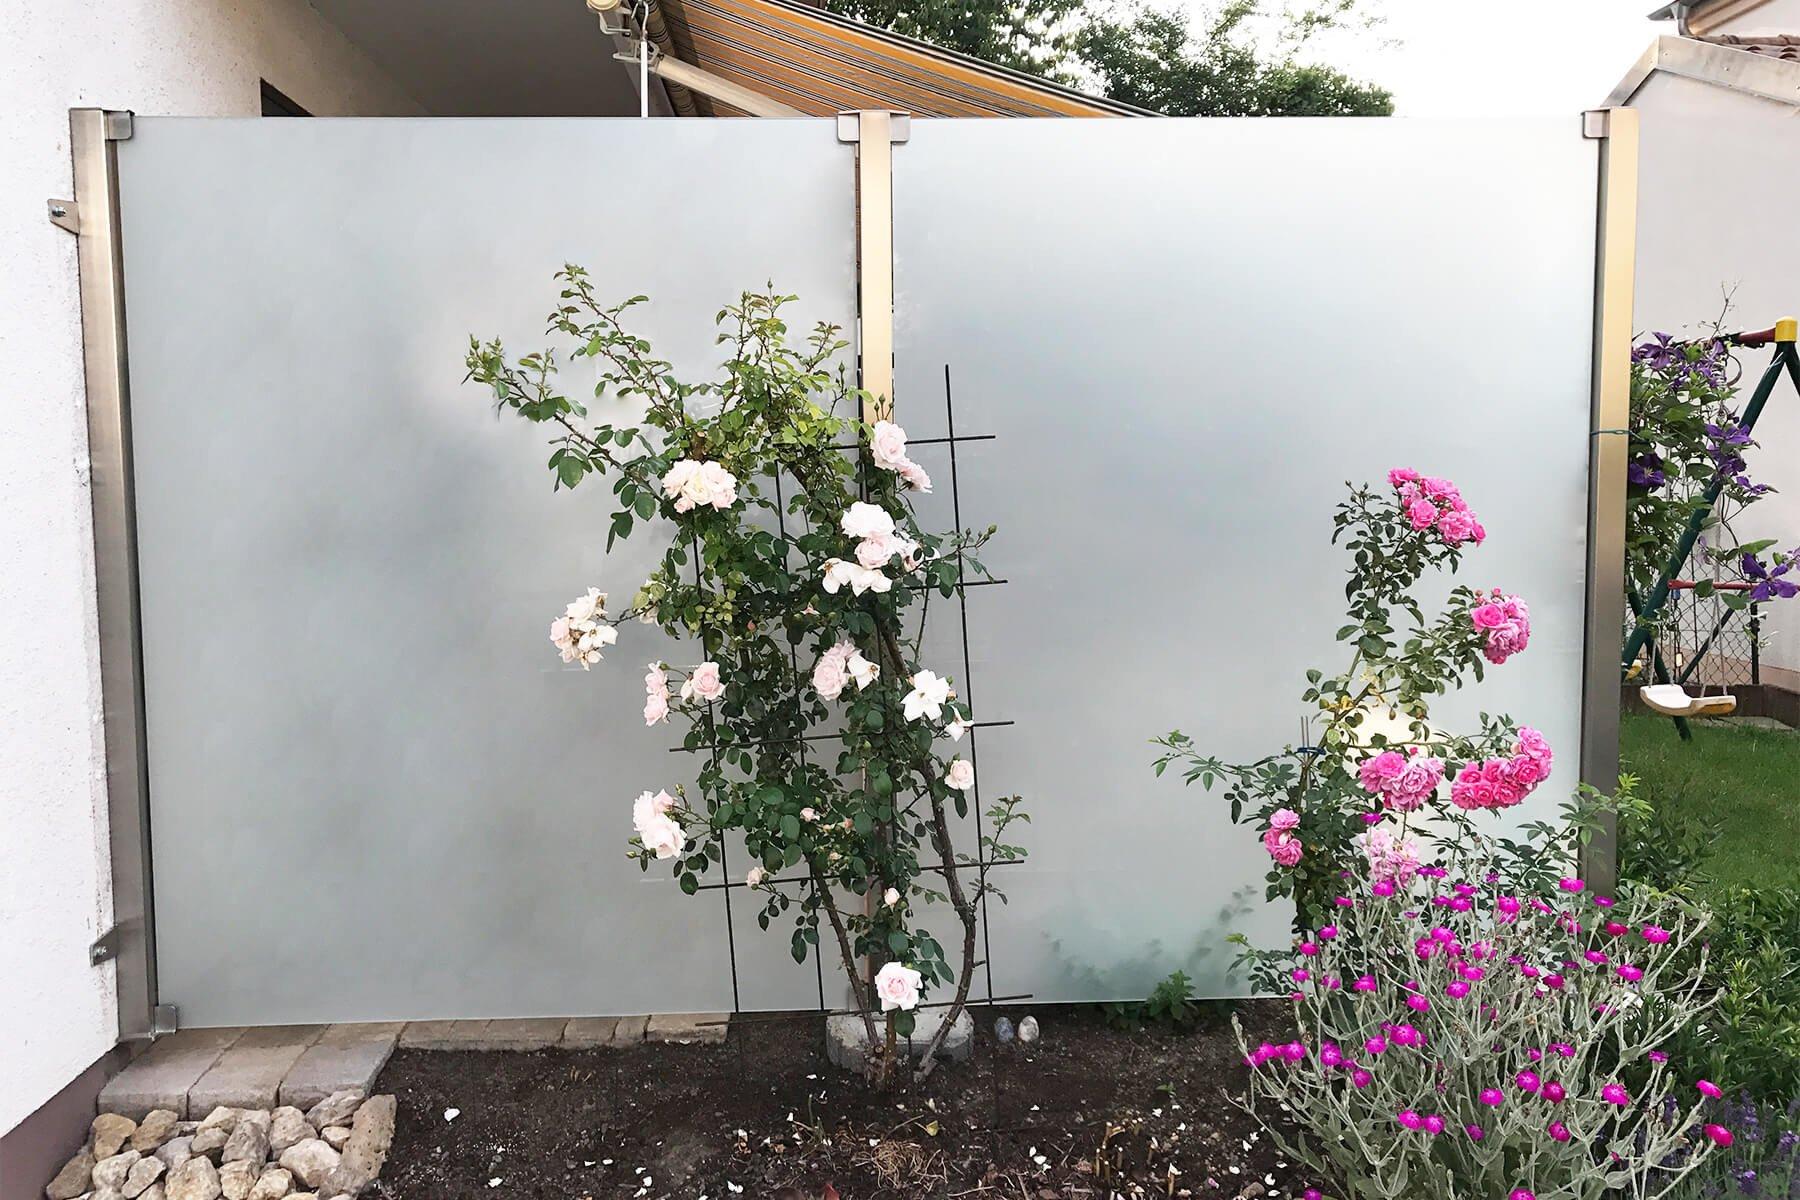 Glaszaun Aundo aus satiniertem Glas Optimale Lösung für Privatsphäre im Garten oder der Terrasse